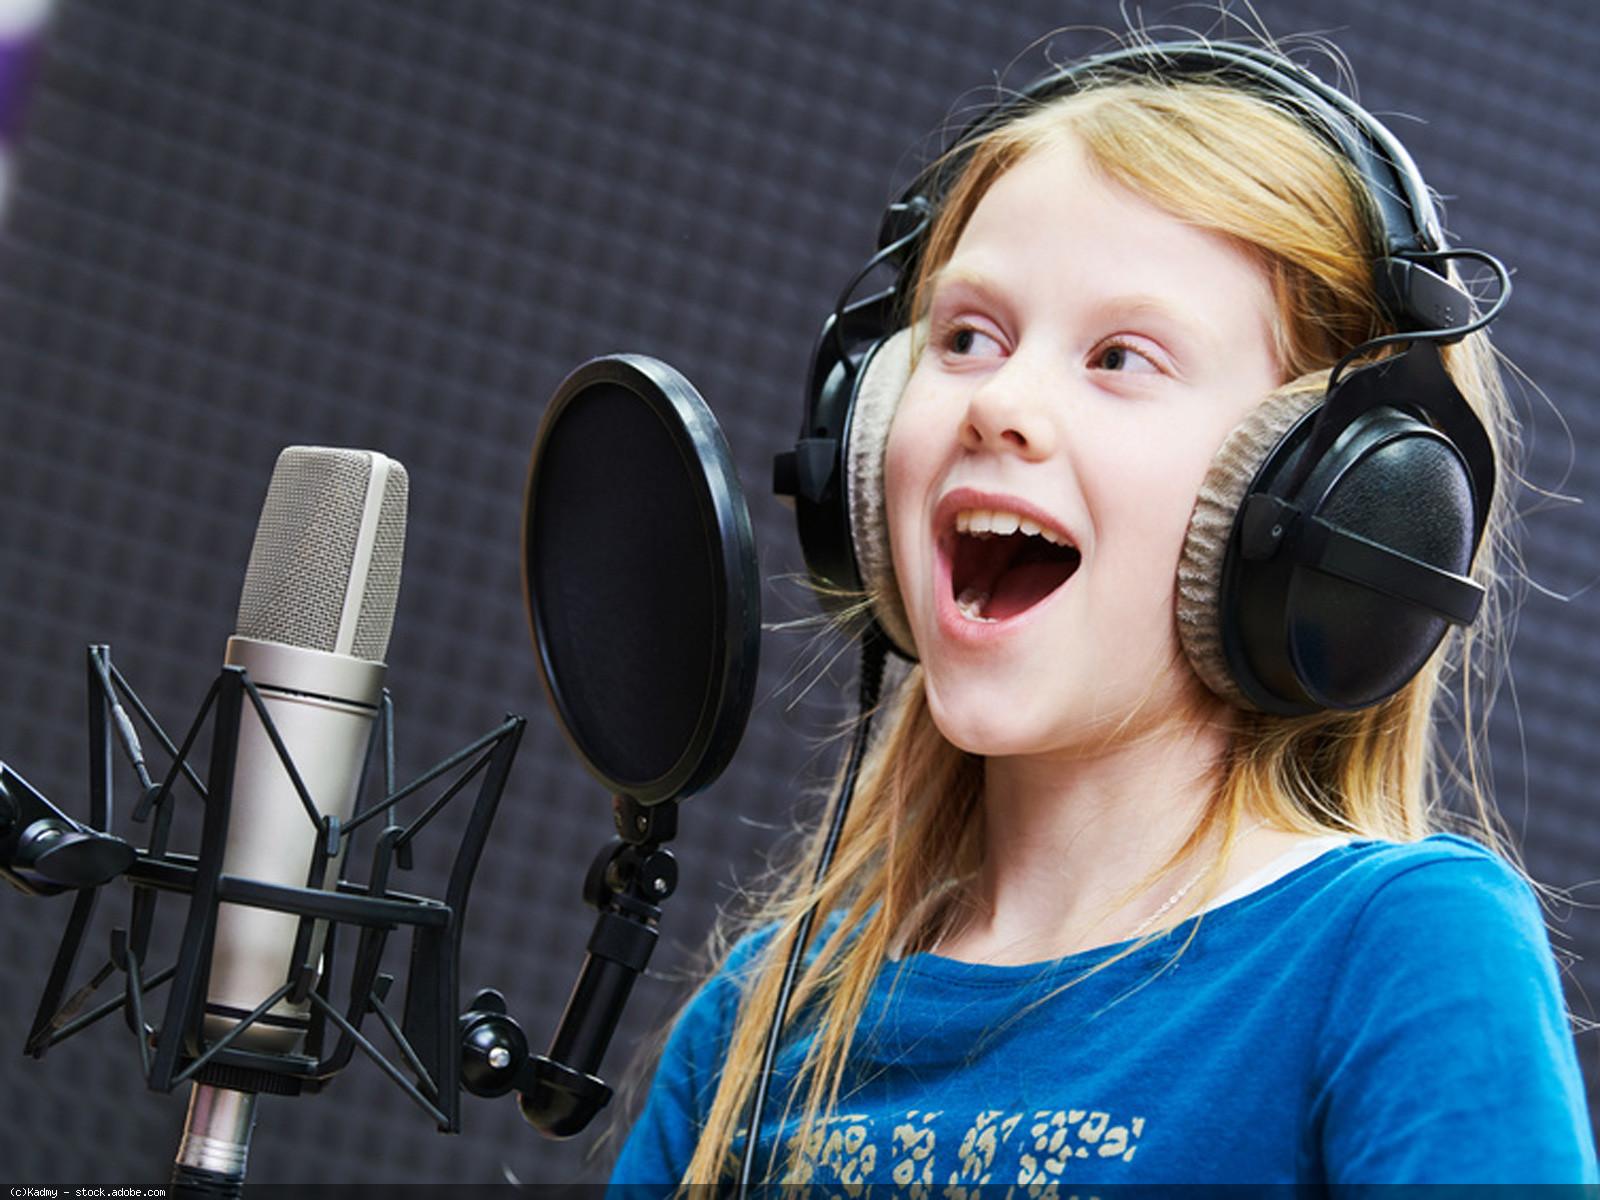 Singendes Kind vor Mikrofon im Aufnahme-Studio,  © Kadmy - stock.adobe.com (Zuschnitt)